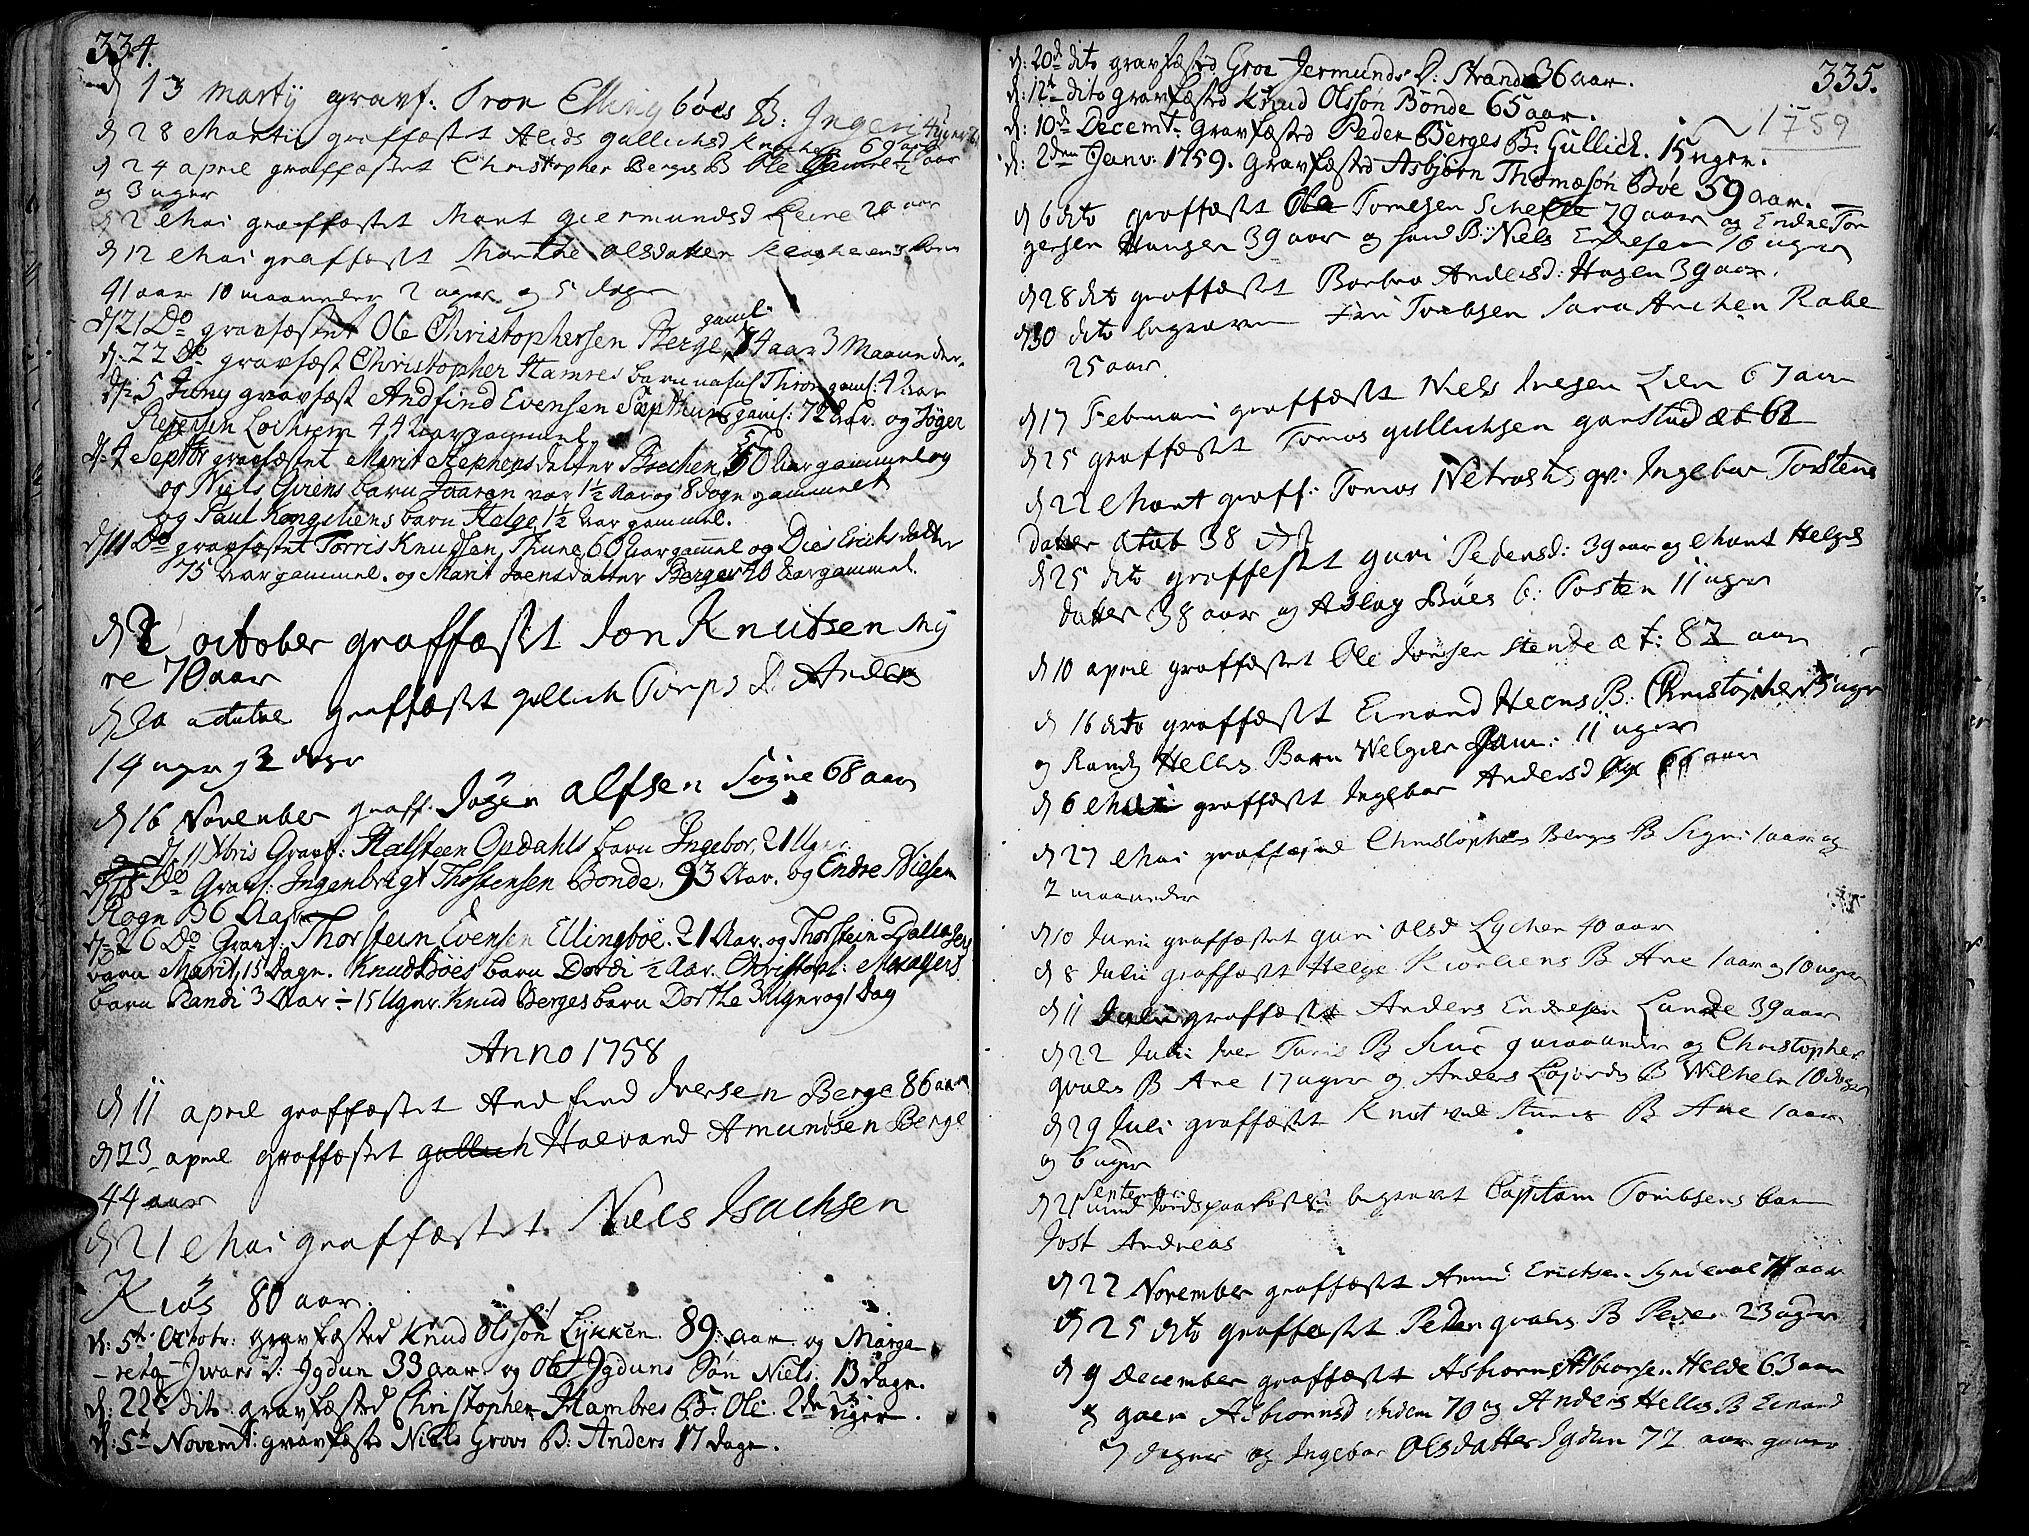 SAH, Vang prestekontor, Valdres, Ministerialbok nr. 1, 1730-1796, s. 334-335